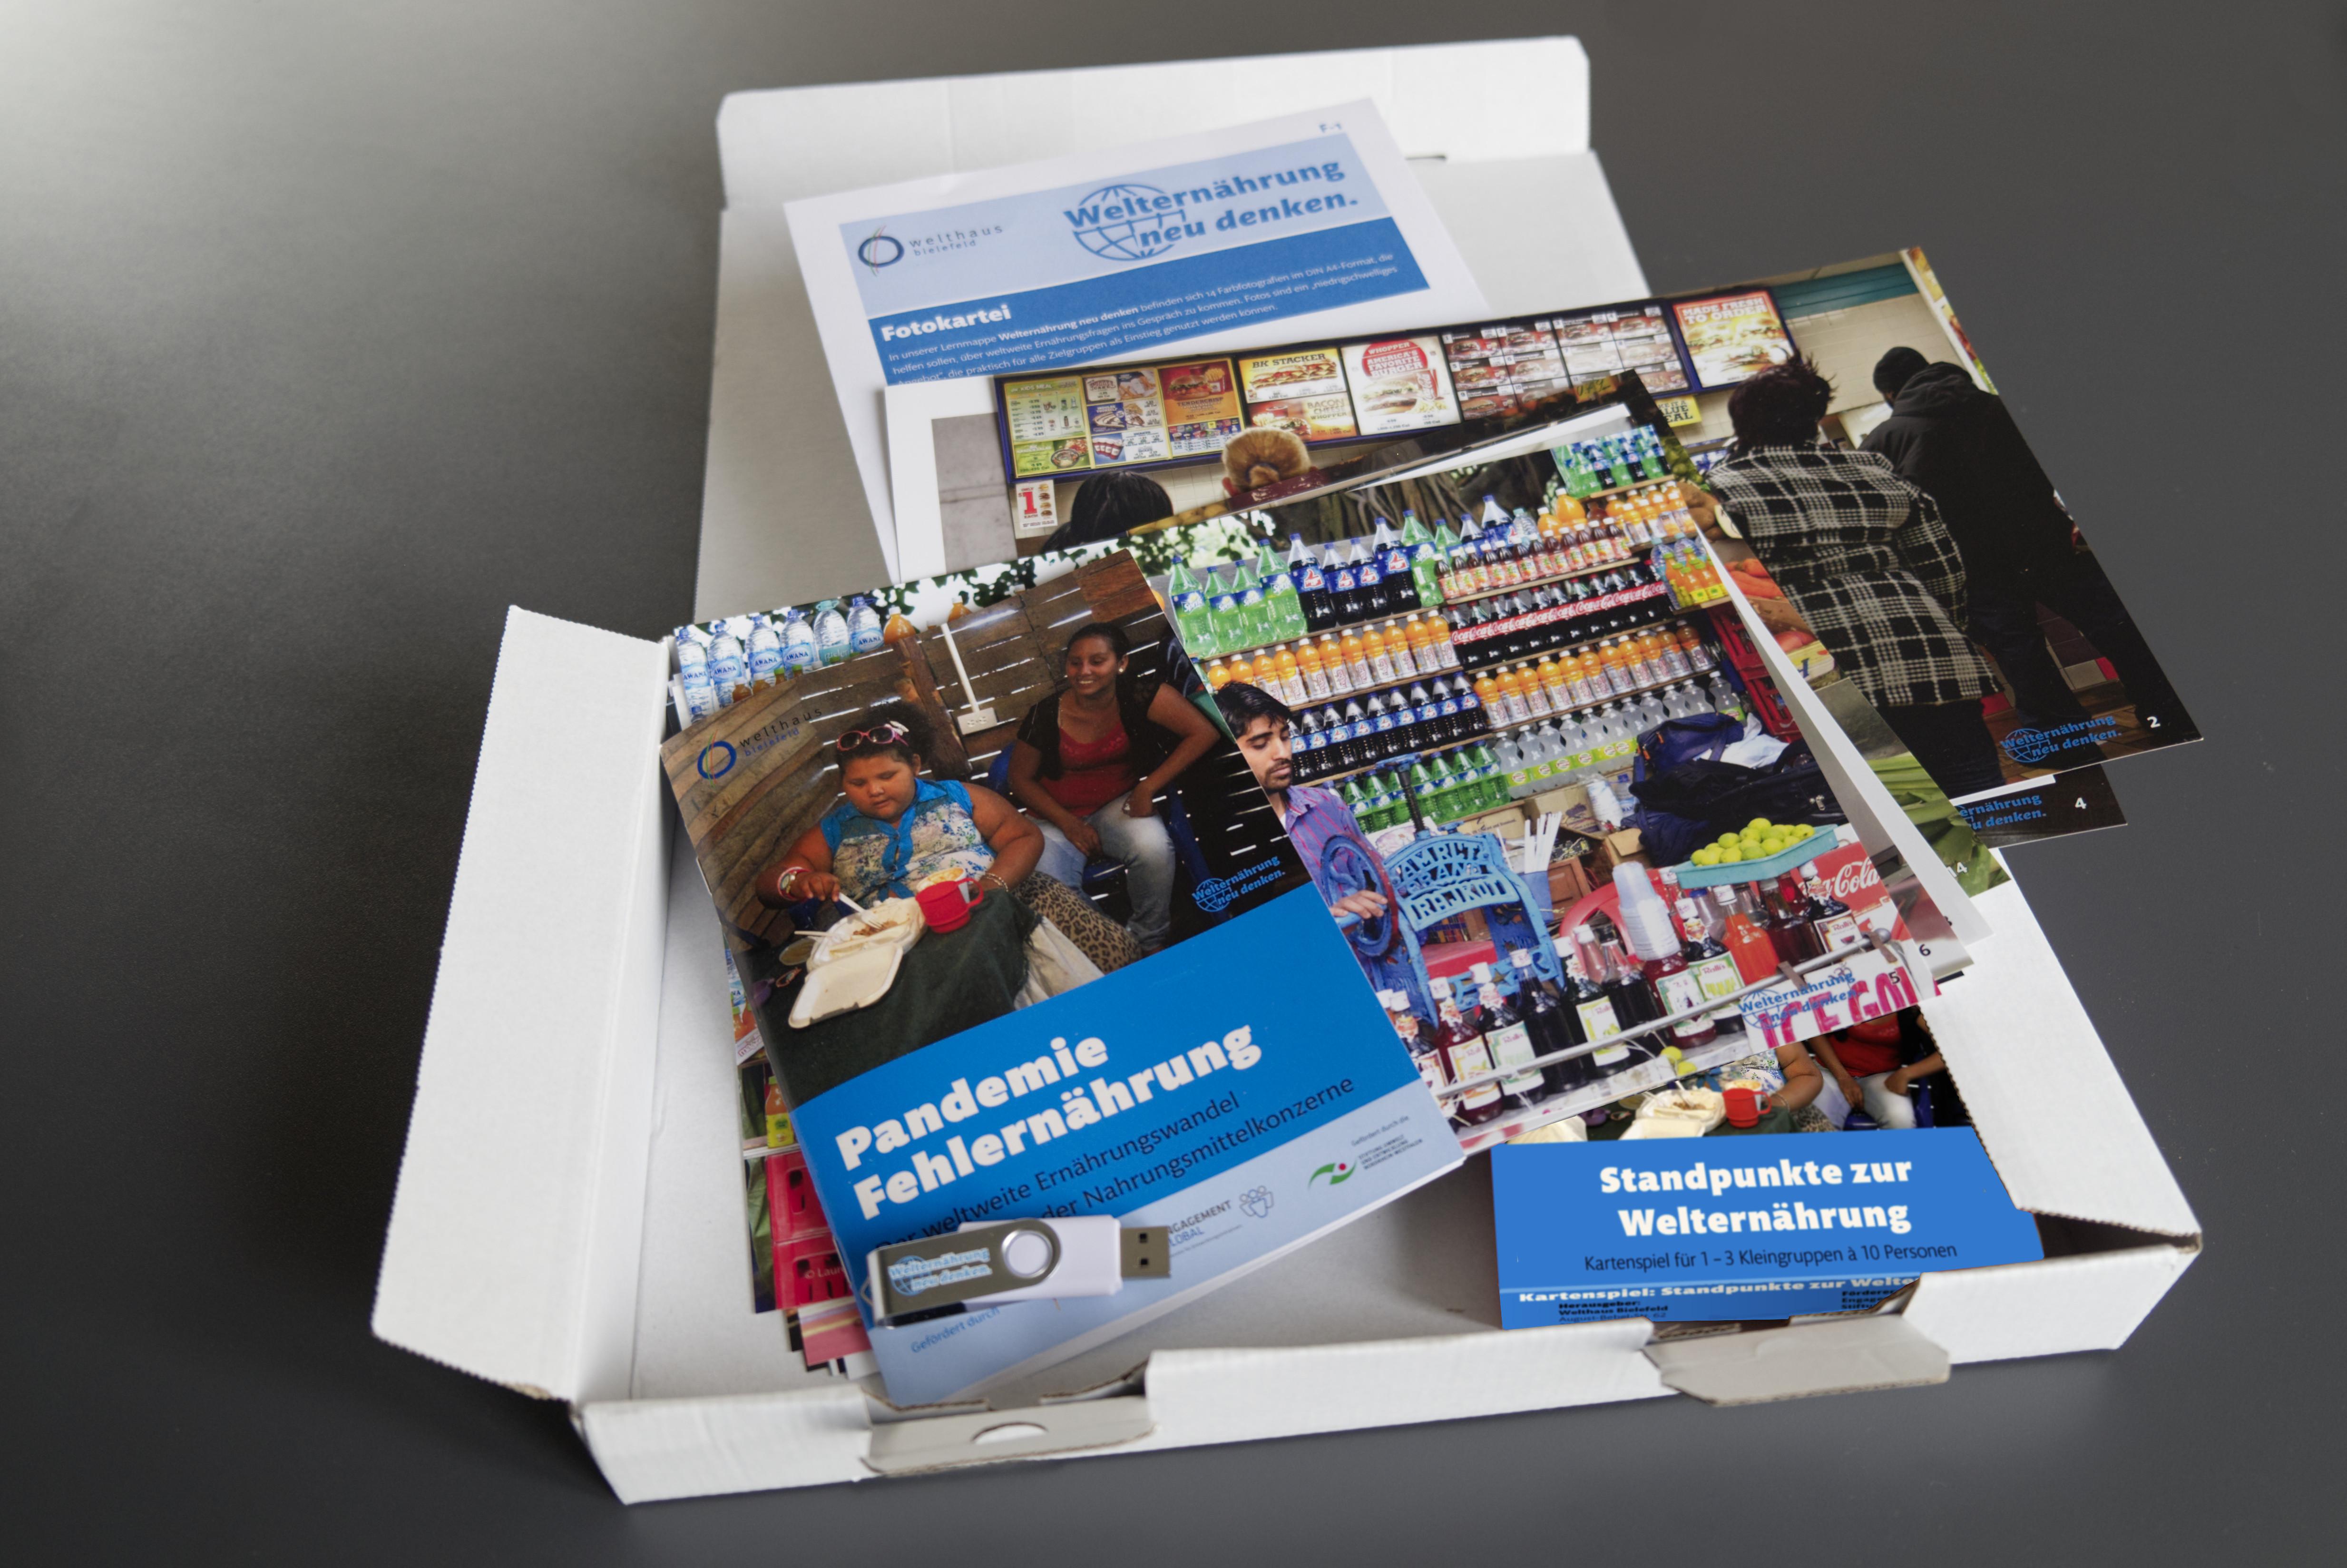 Welternährung neu denken (Lernpaket, 2021)